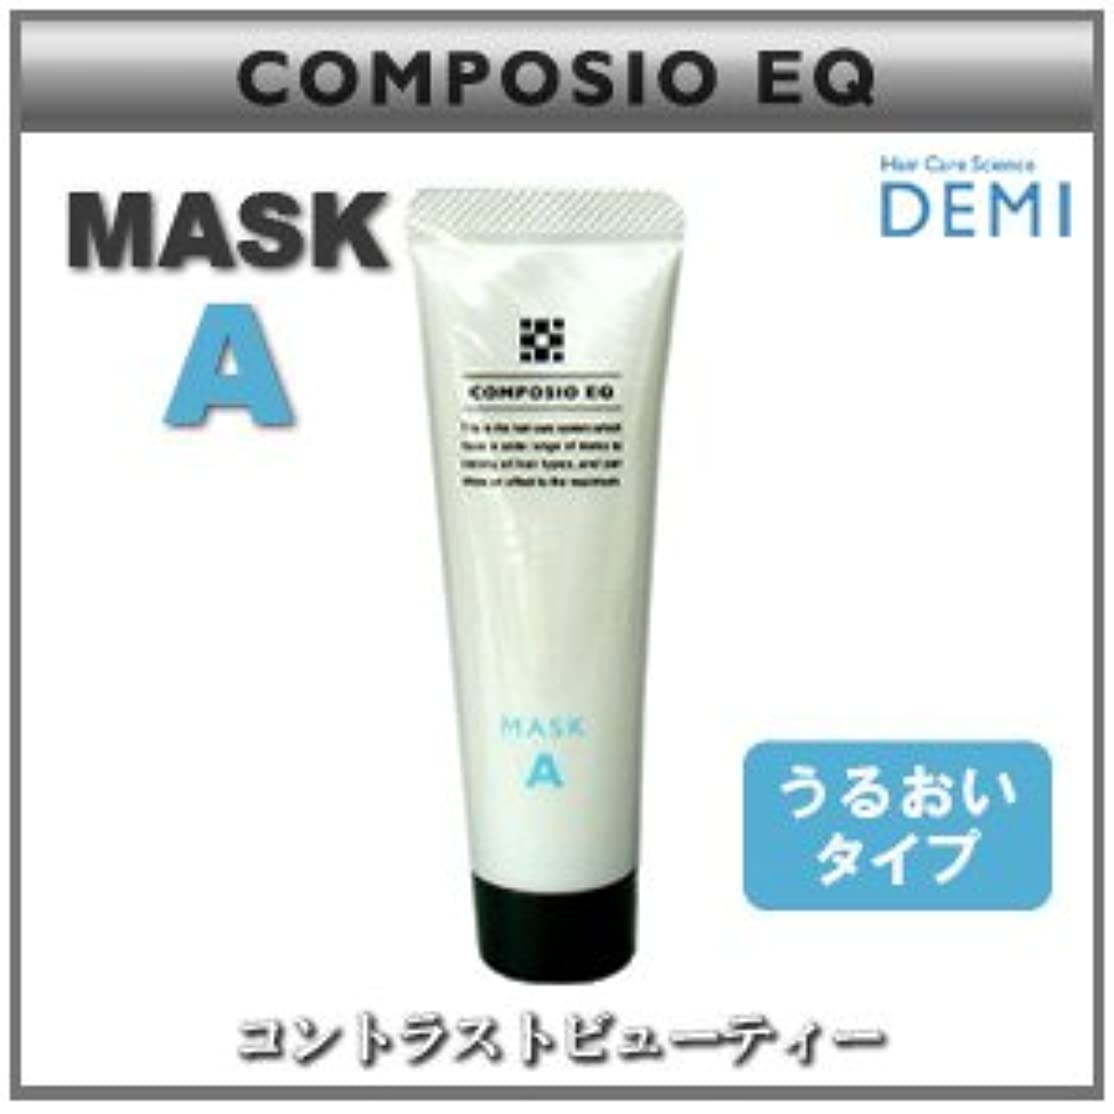 前件チャンピオンシップ結晶【X5個セット】 デミ コンポジオ EQ マスク A 50g